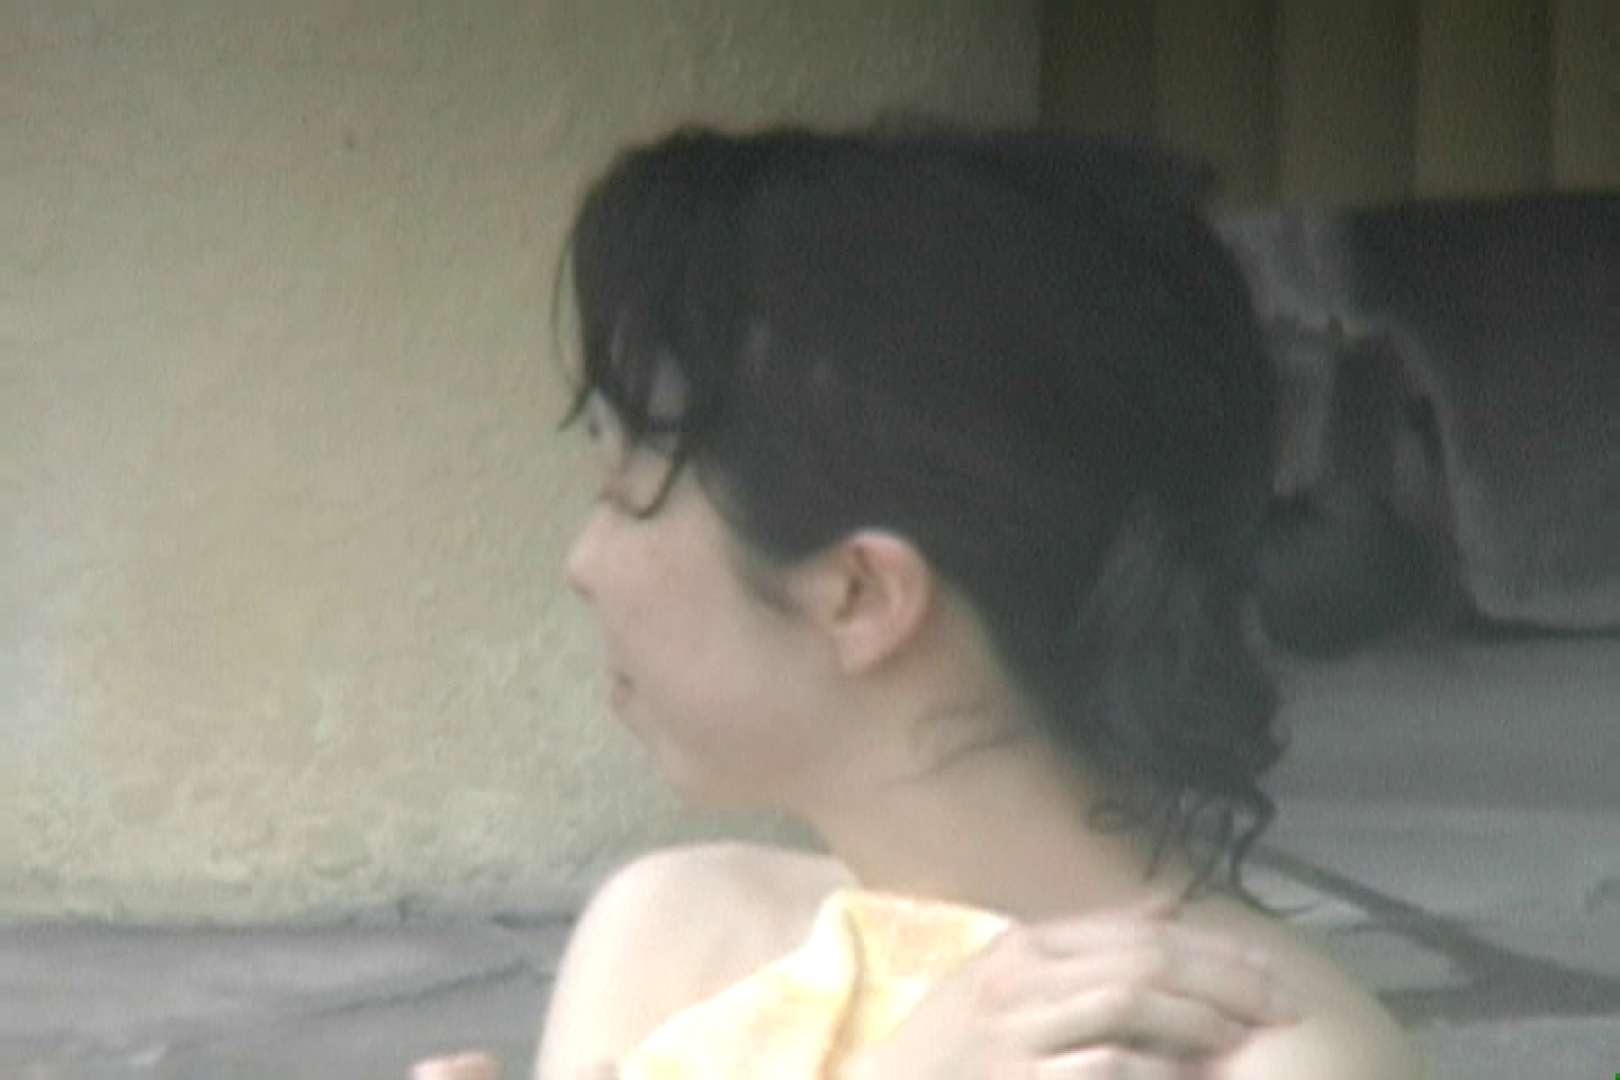 高画質露天女風呂観察 vol.007 望遠映像 アダルト動画キャプチャ 104PIX 83